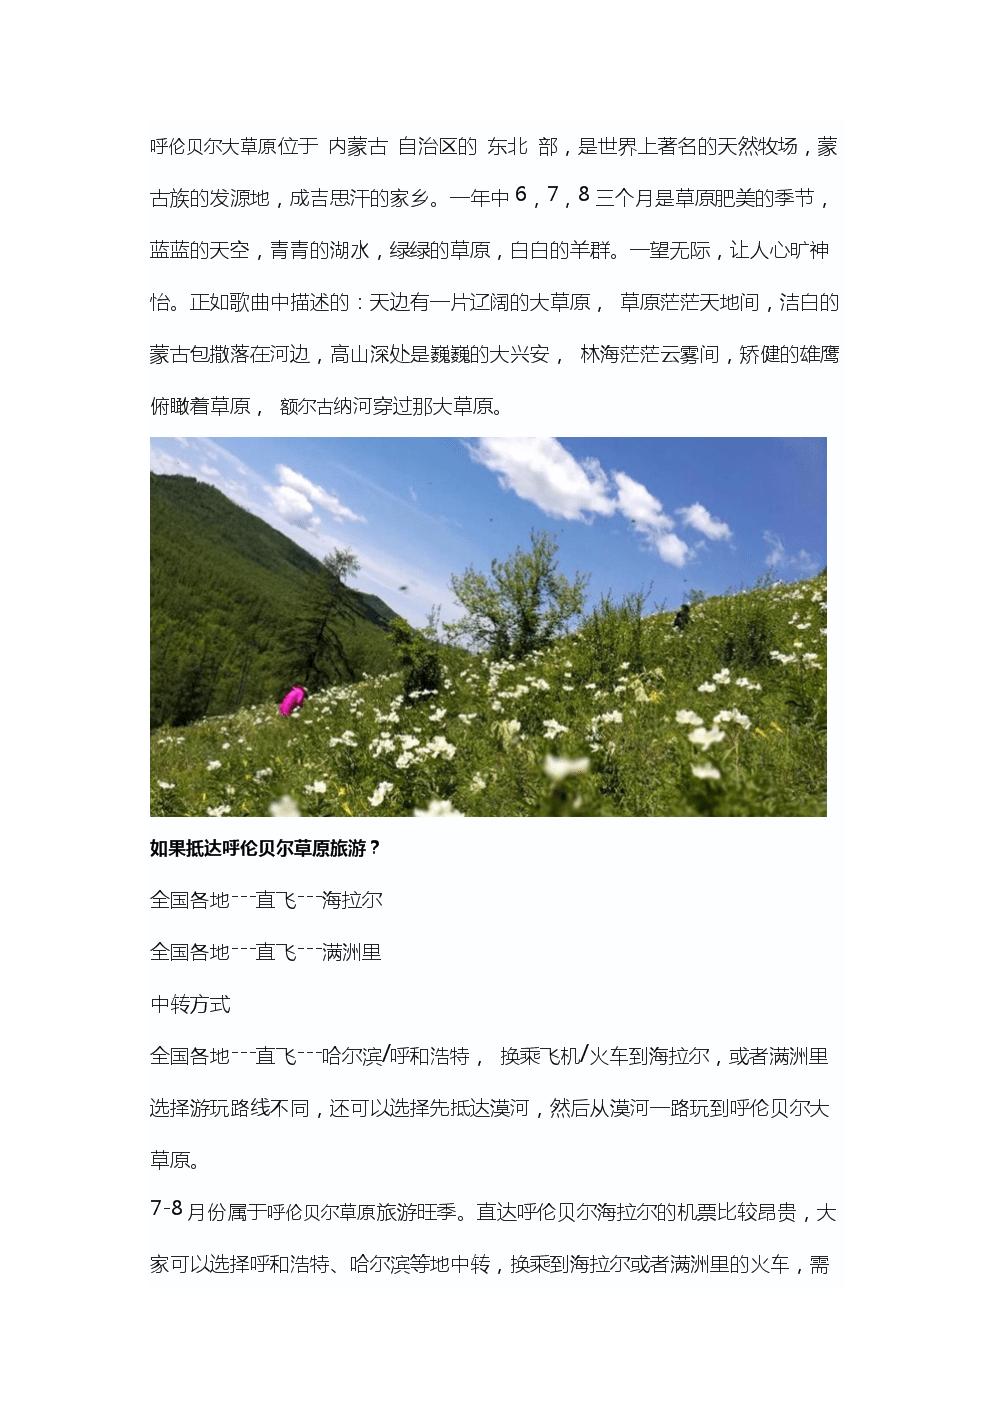 呼伦贝尔草原-阿尔山-漠河旅游线路攻略,6-7-8-10日游,纯玩自由行.doc